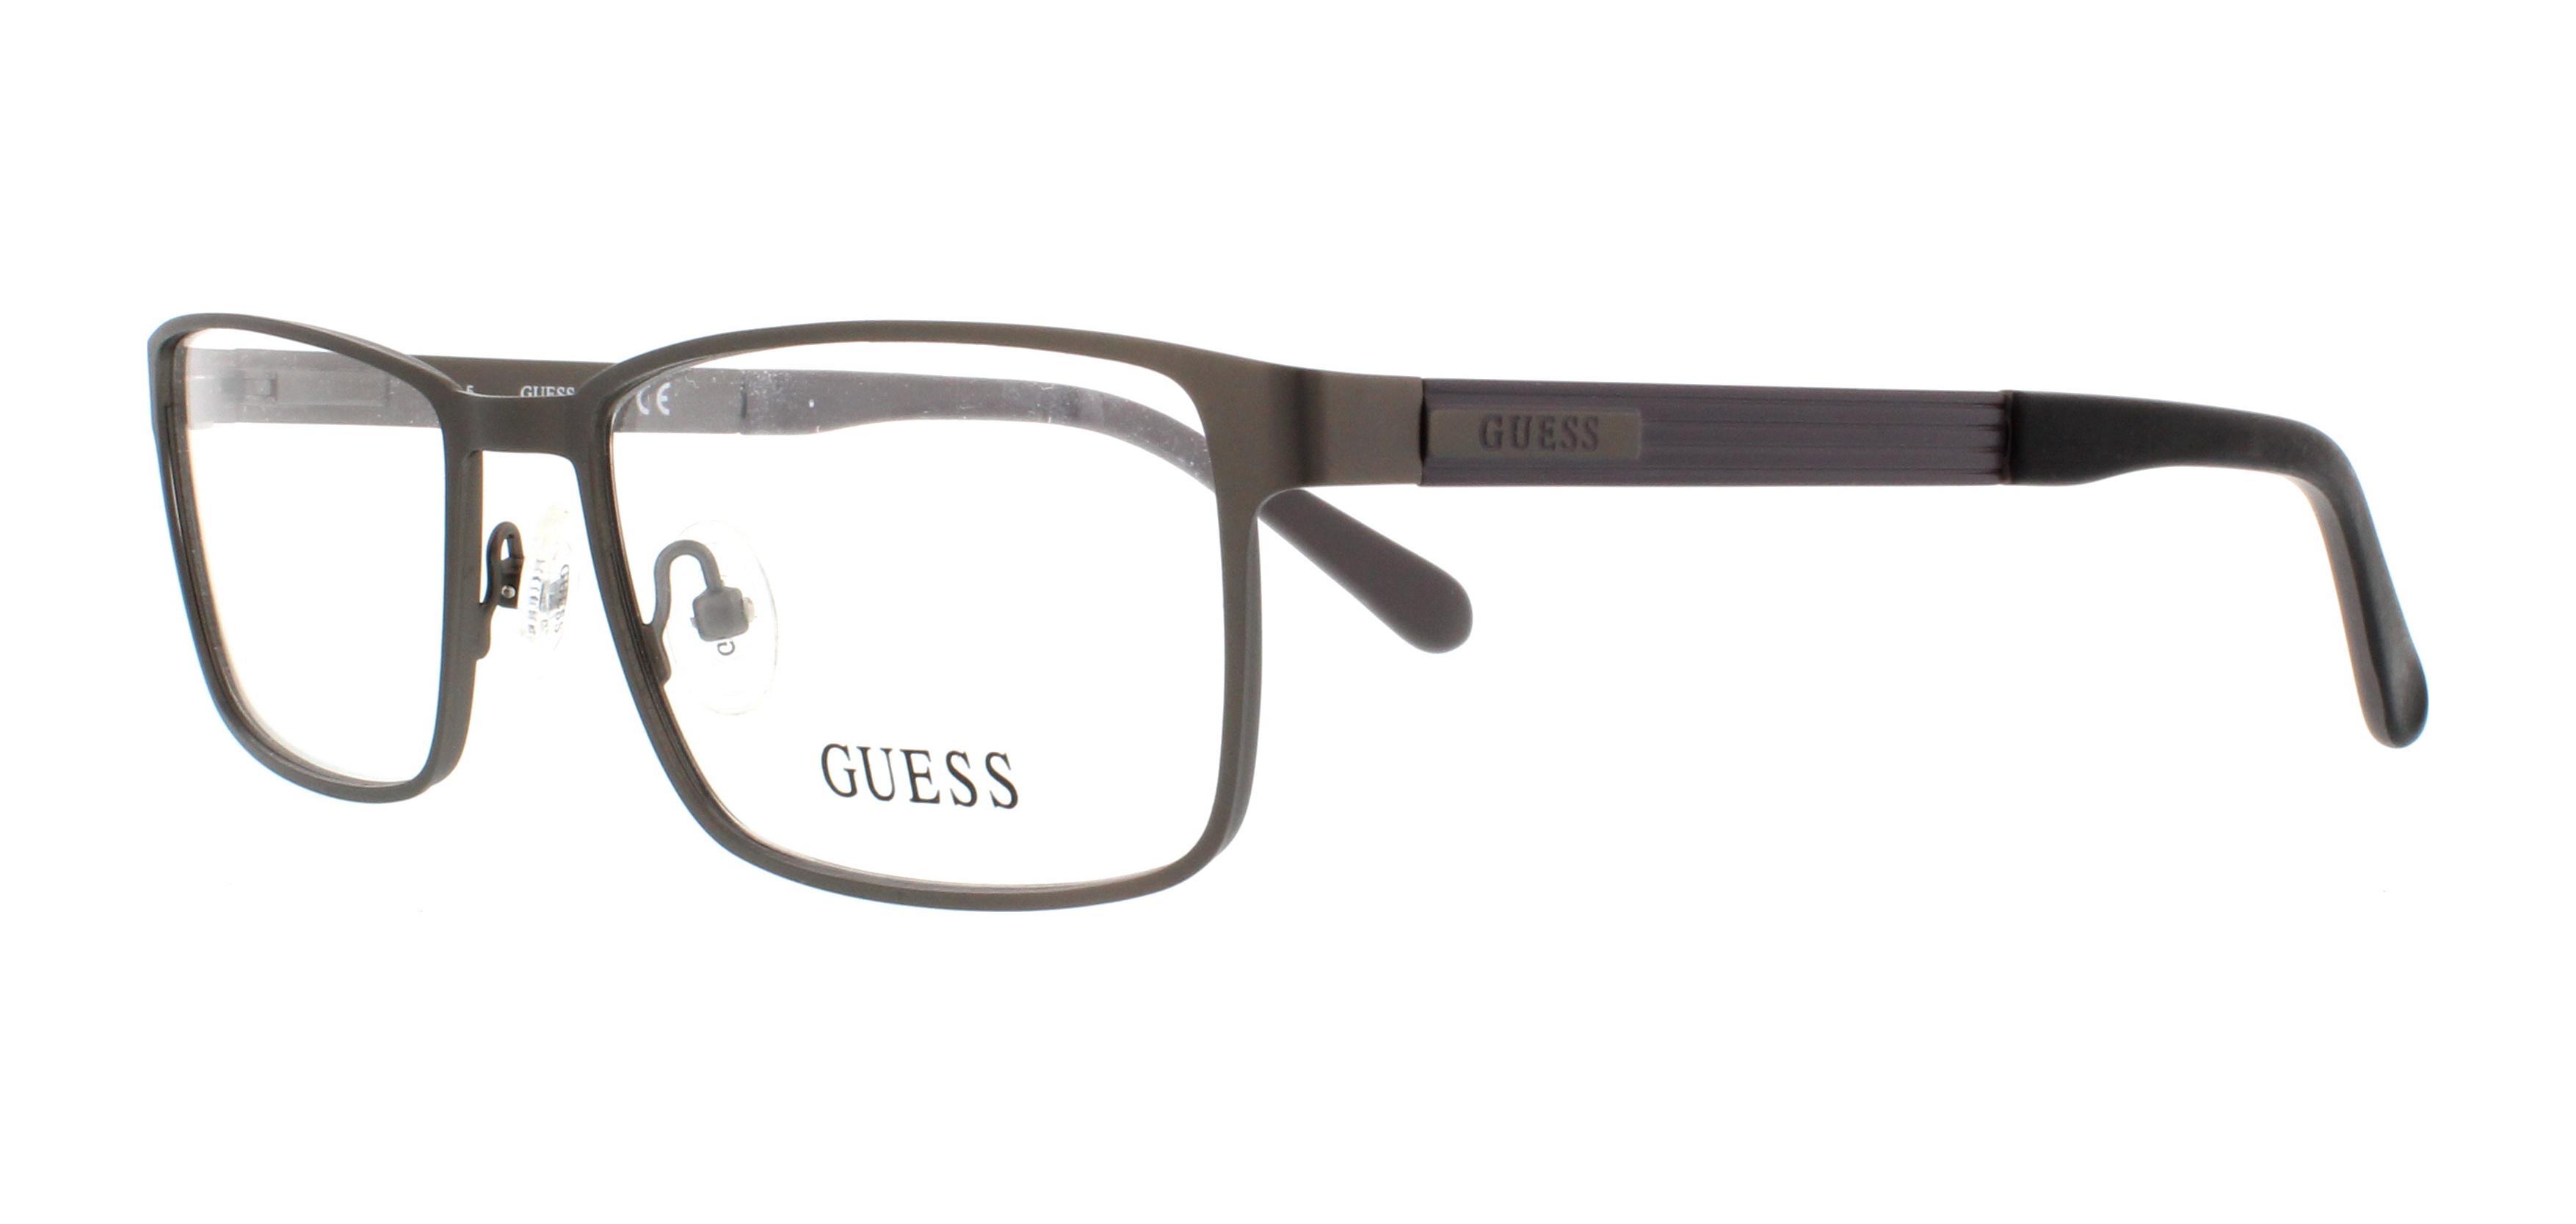 eb4e933fac7 Designer Frames Outlet. Guess GU1884